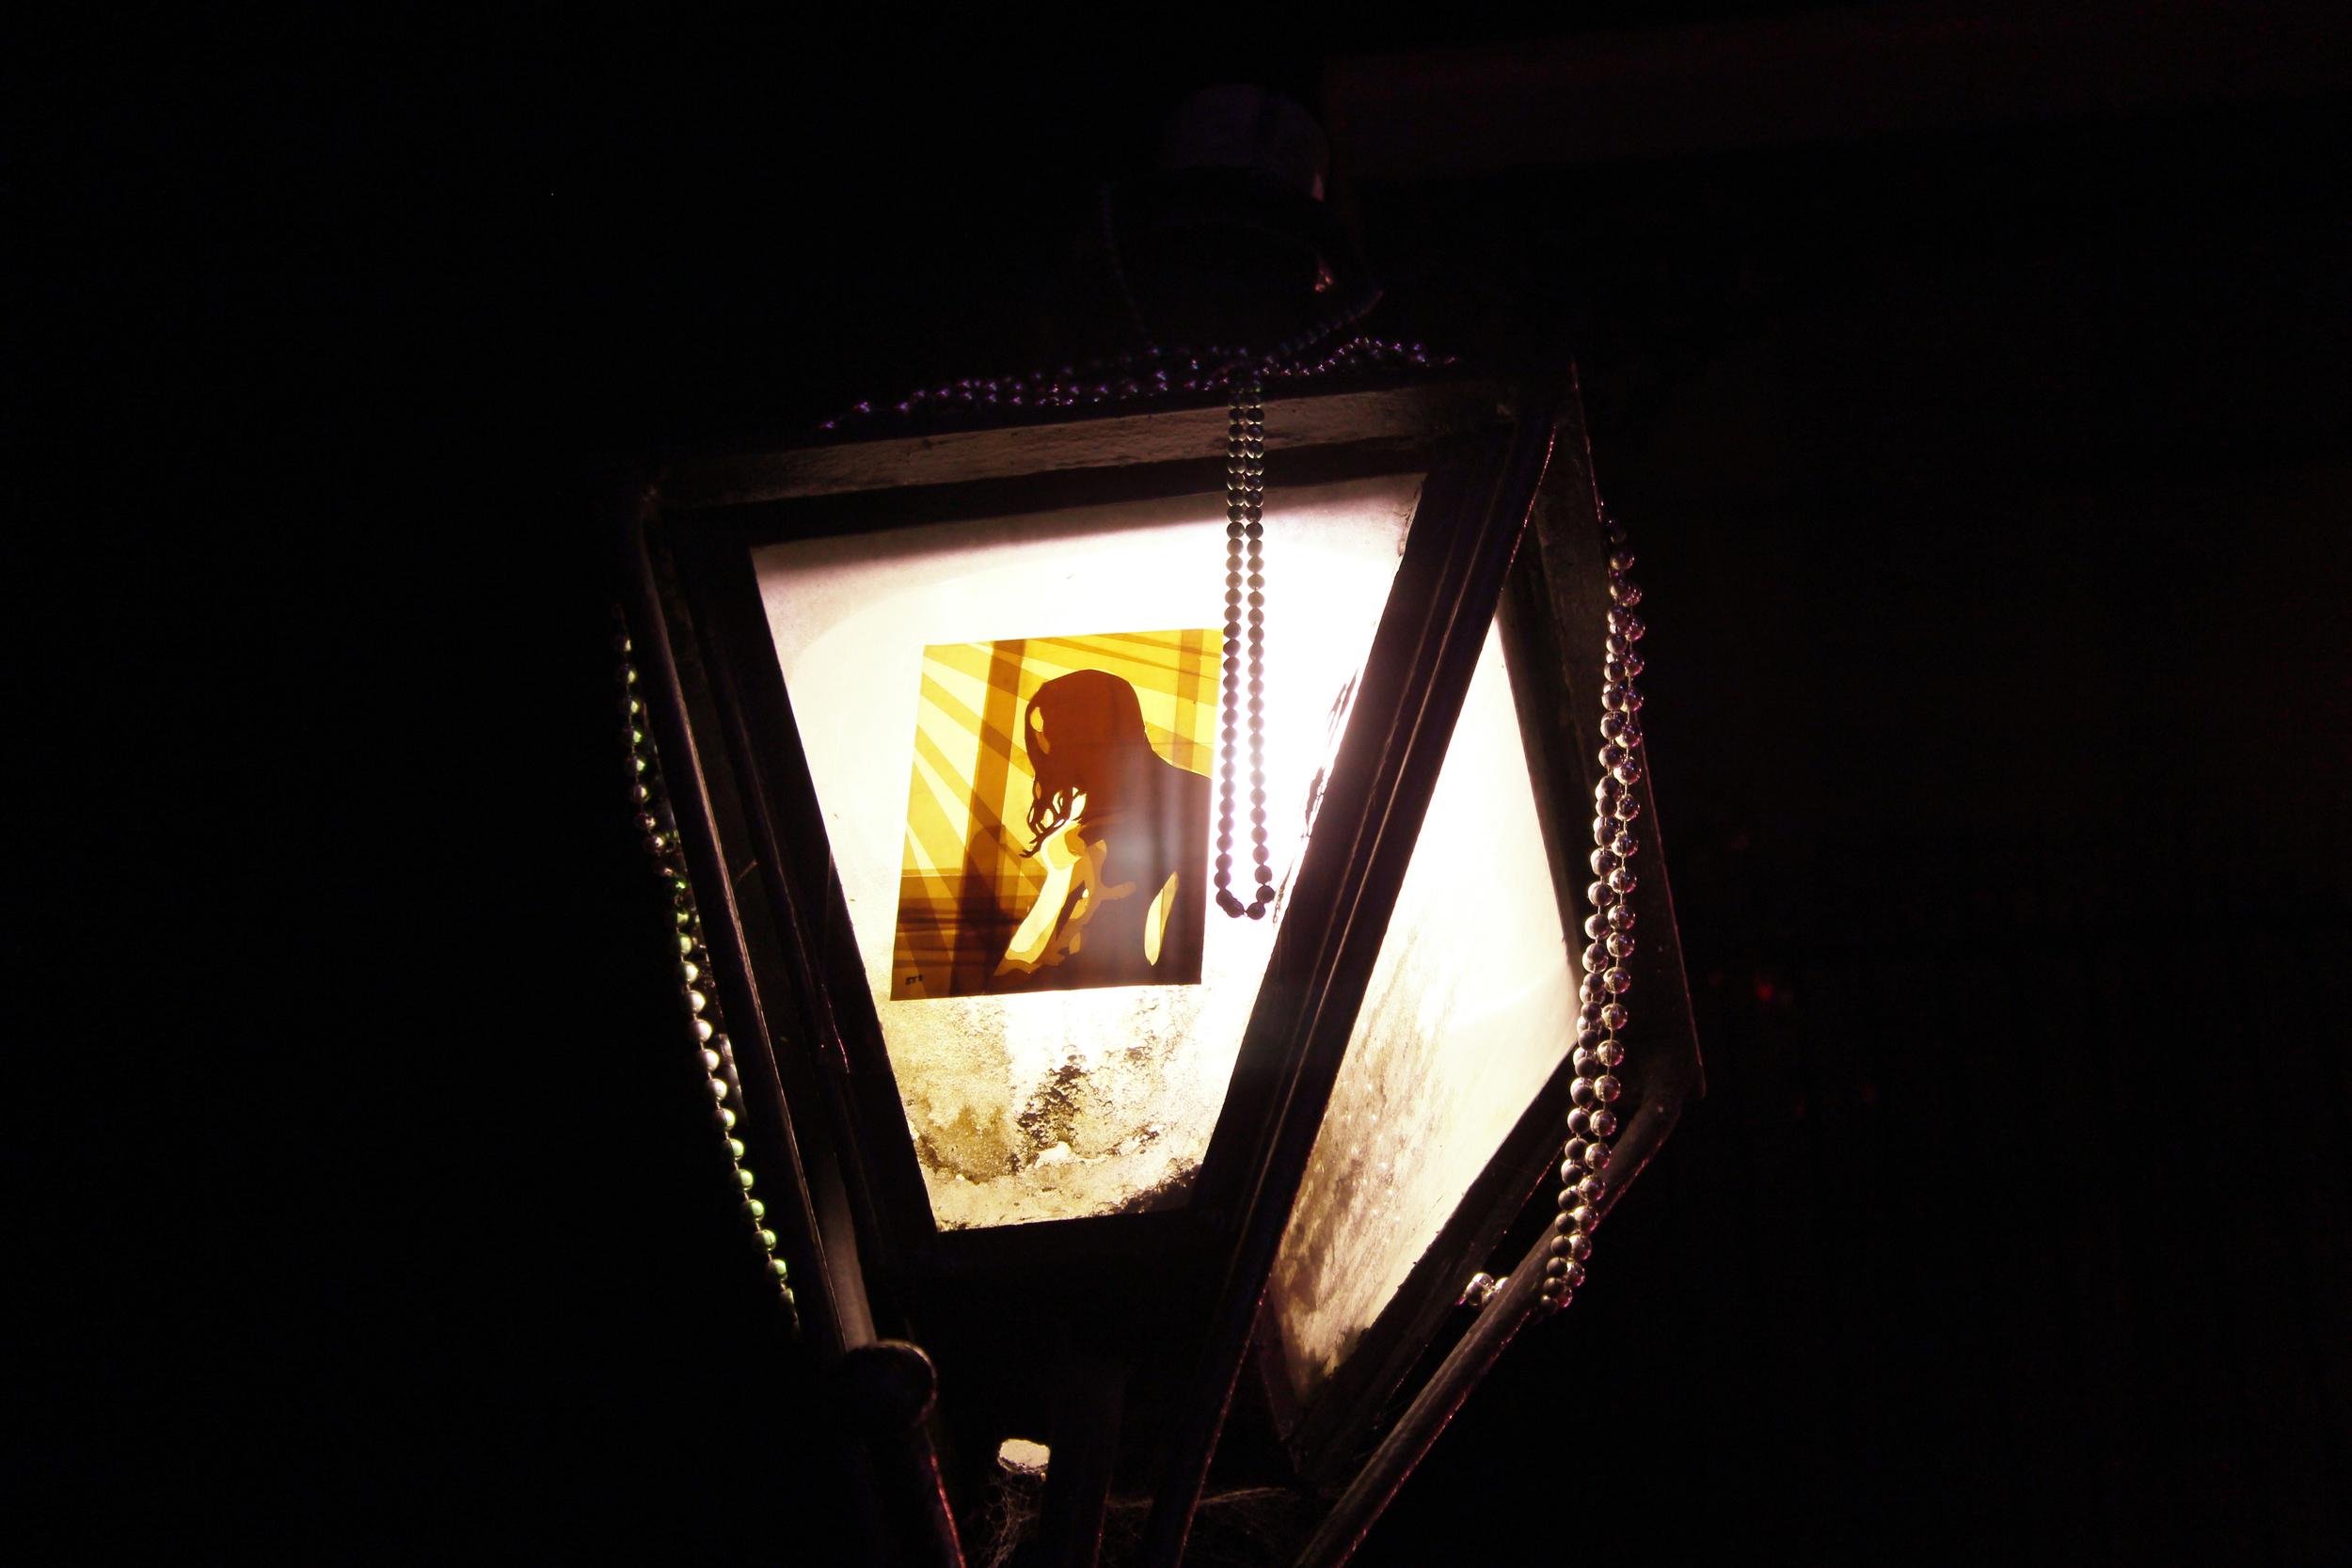 2_Lamp.jpg